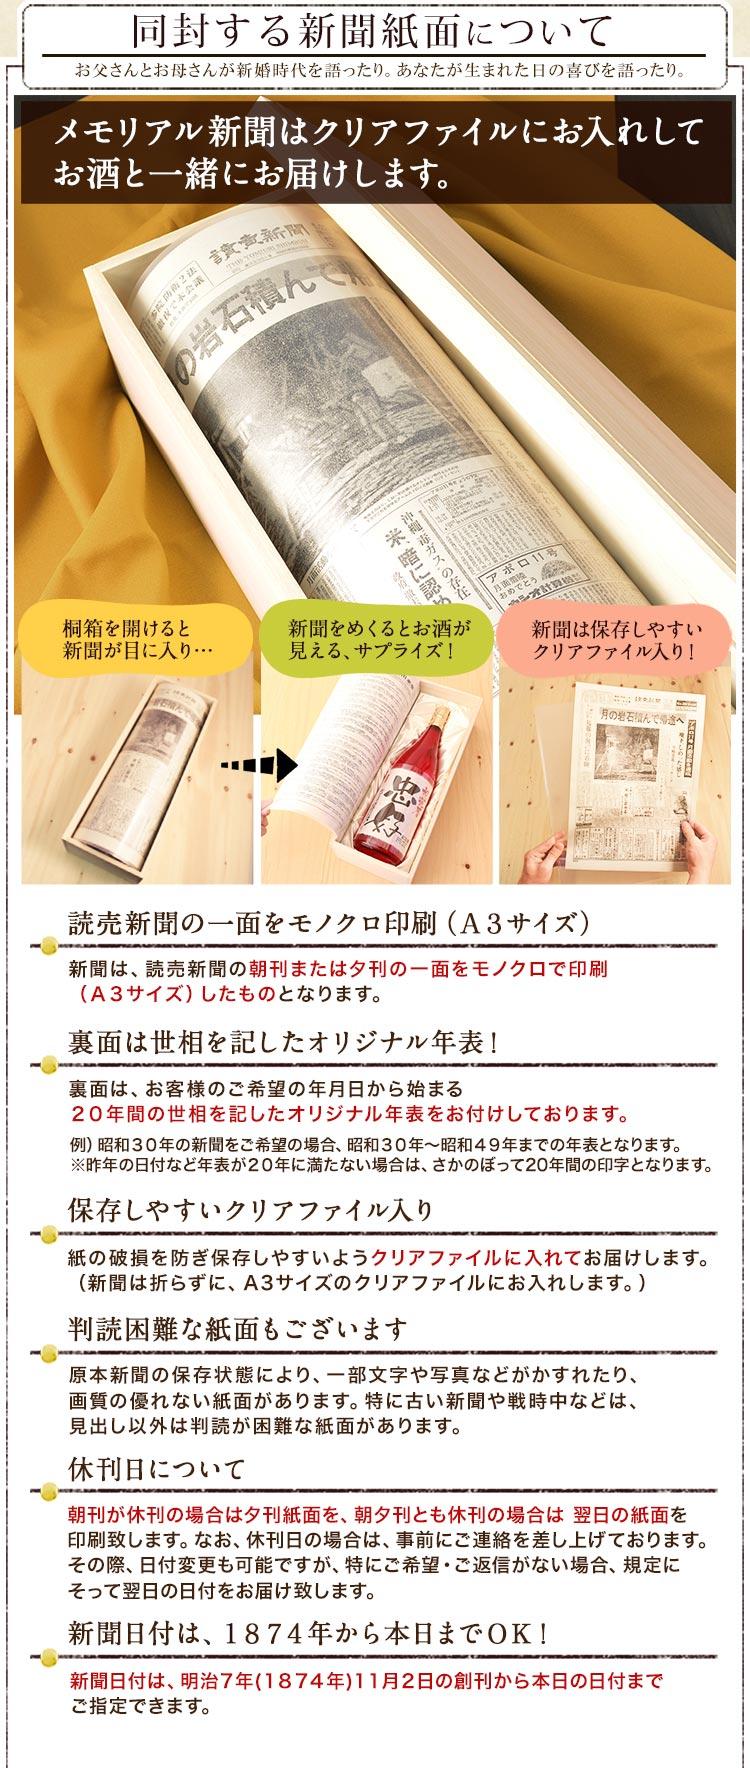 メモリアル新聞の注意事項